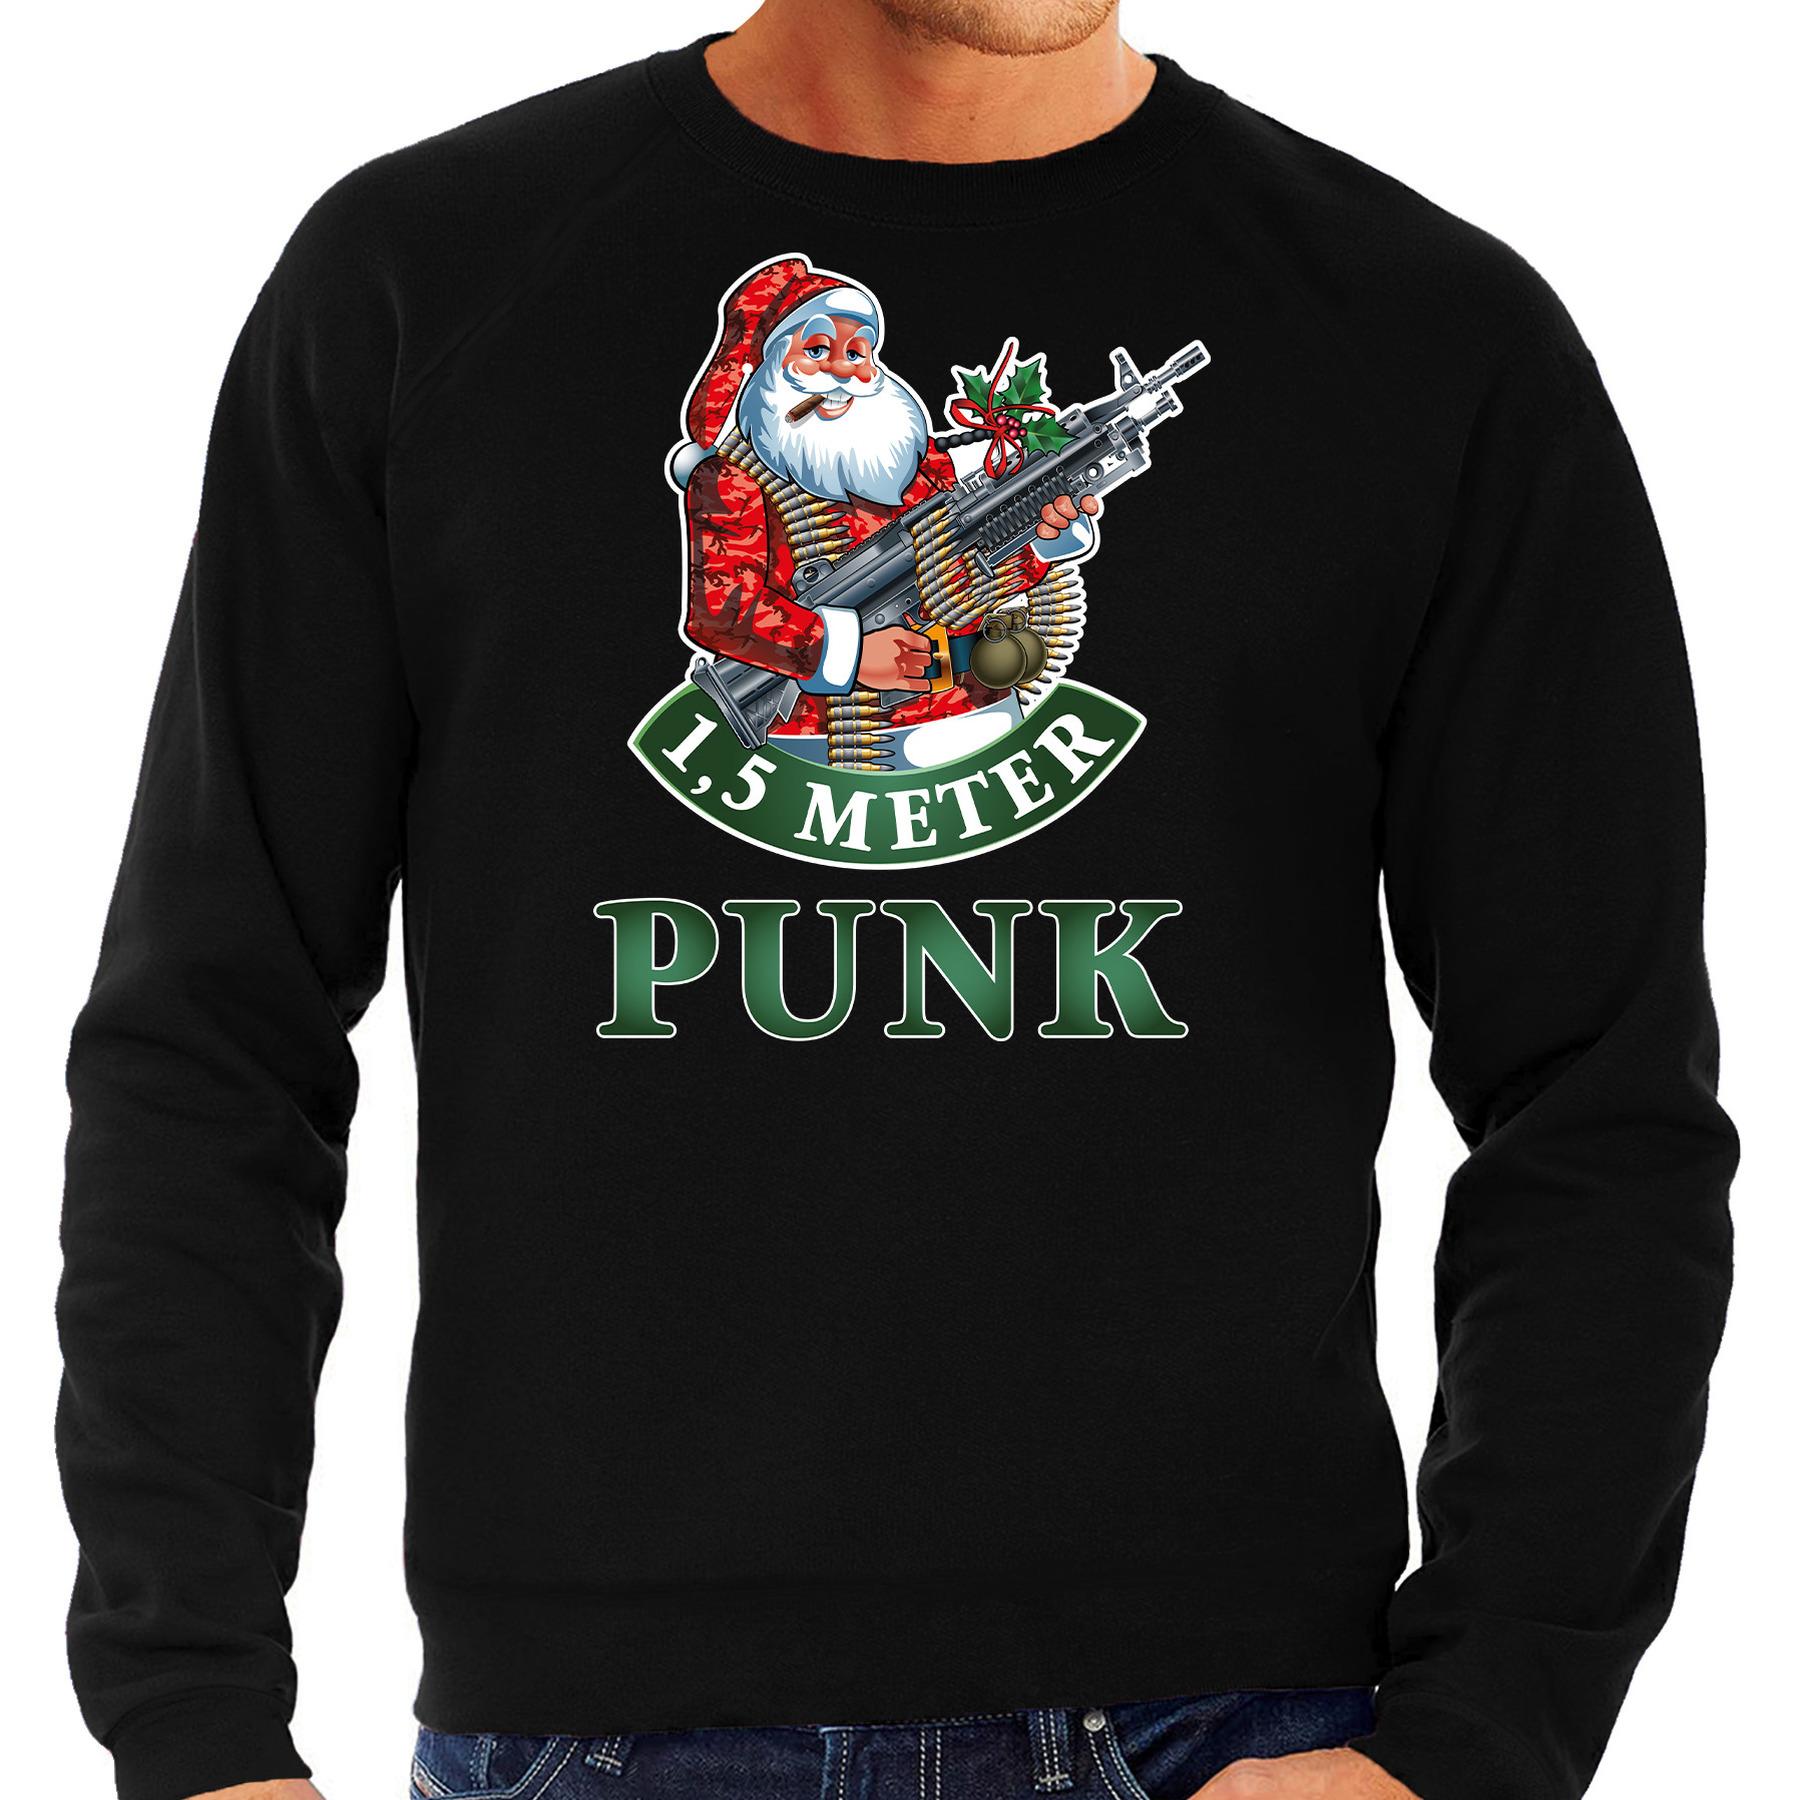 Foute Kersttrui - outfit 1,5 meter punk zwart voor heren